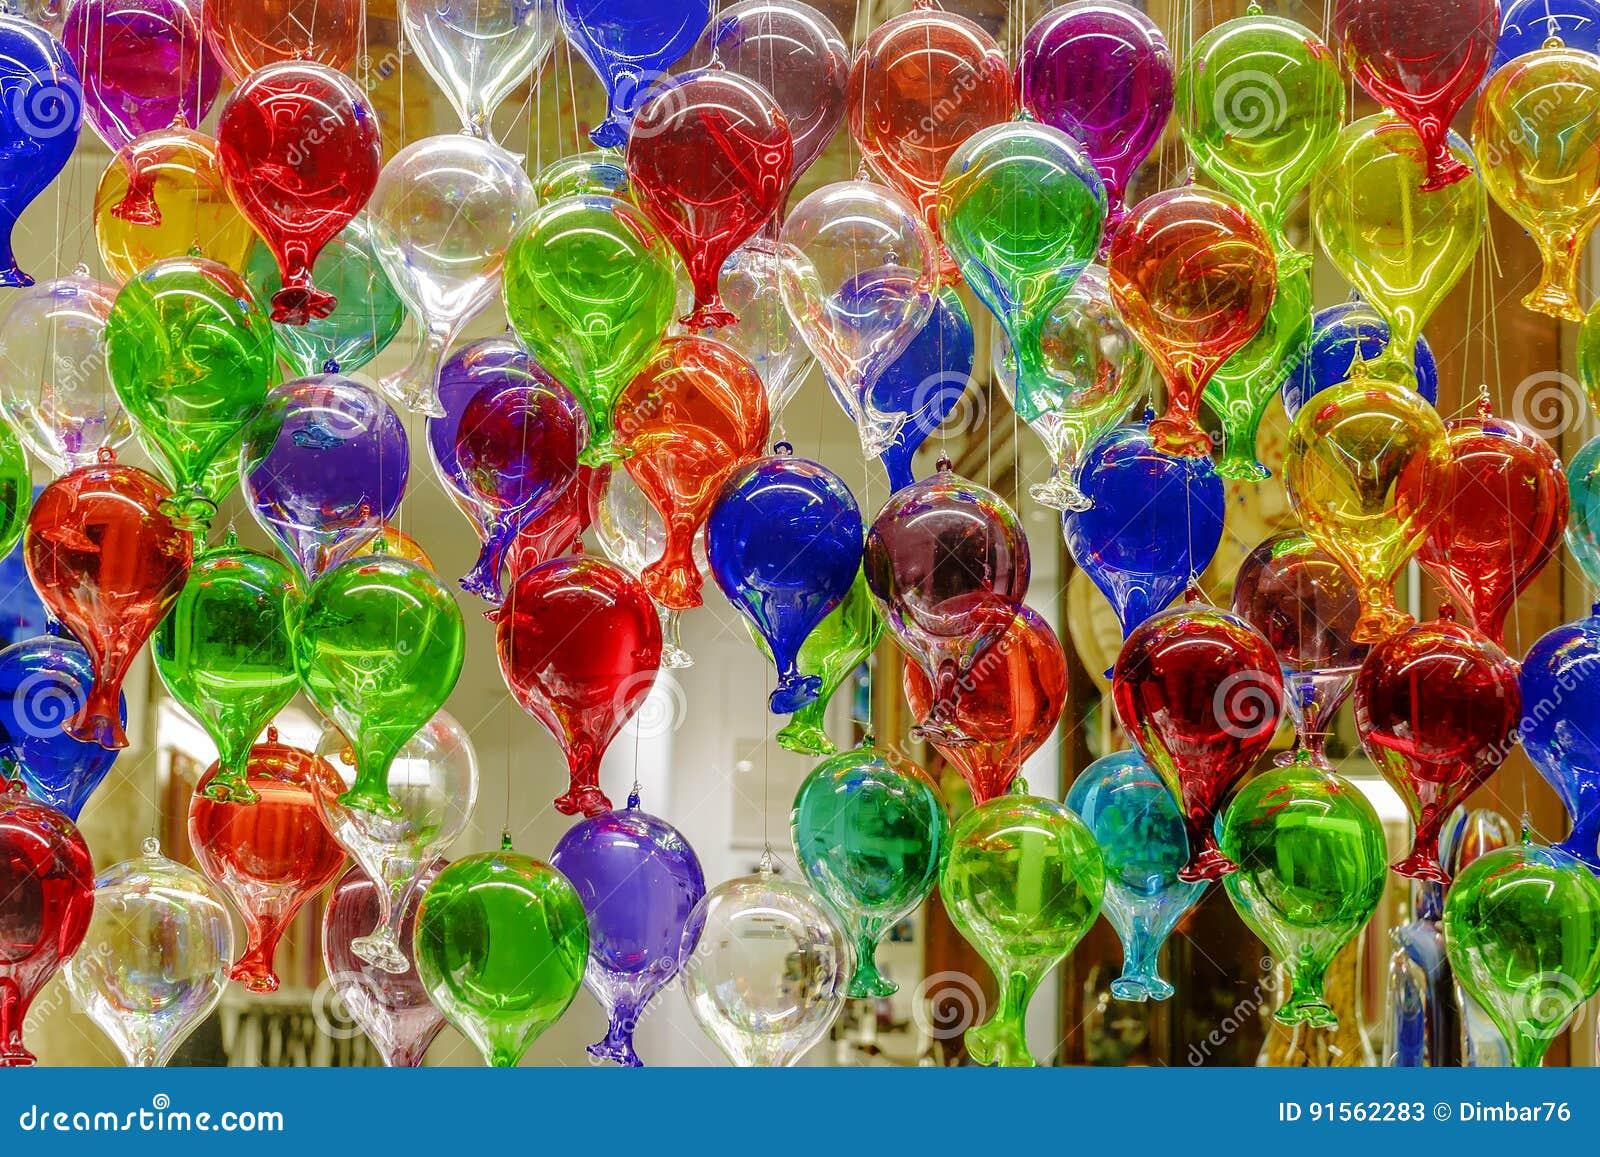 bunte ballone von murano glas stockfoto bild 91562283. Black Bedroom Furniture Sets. Home Design Ideas